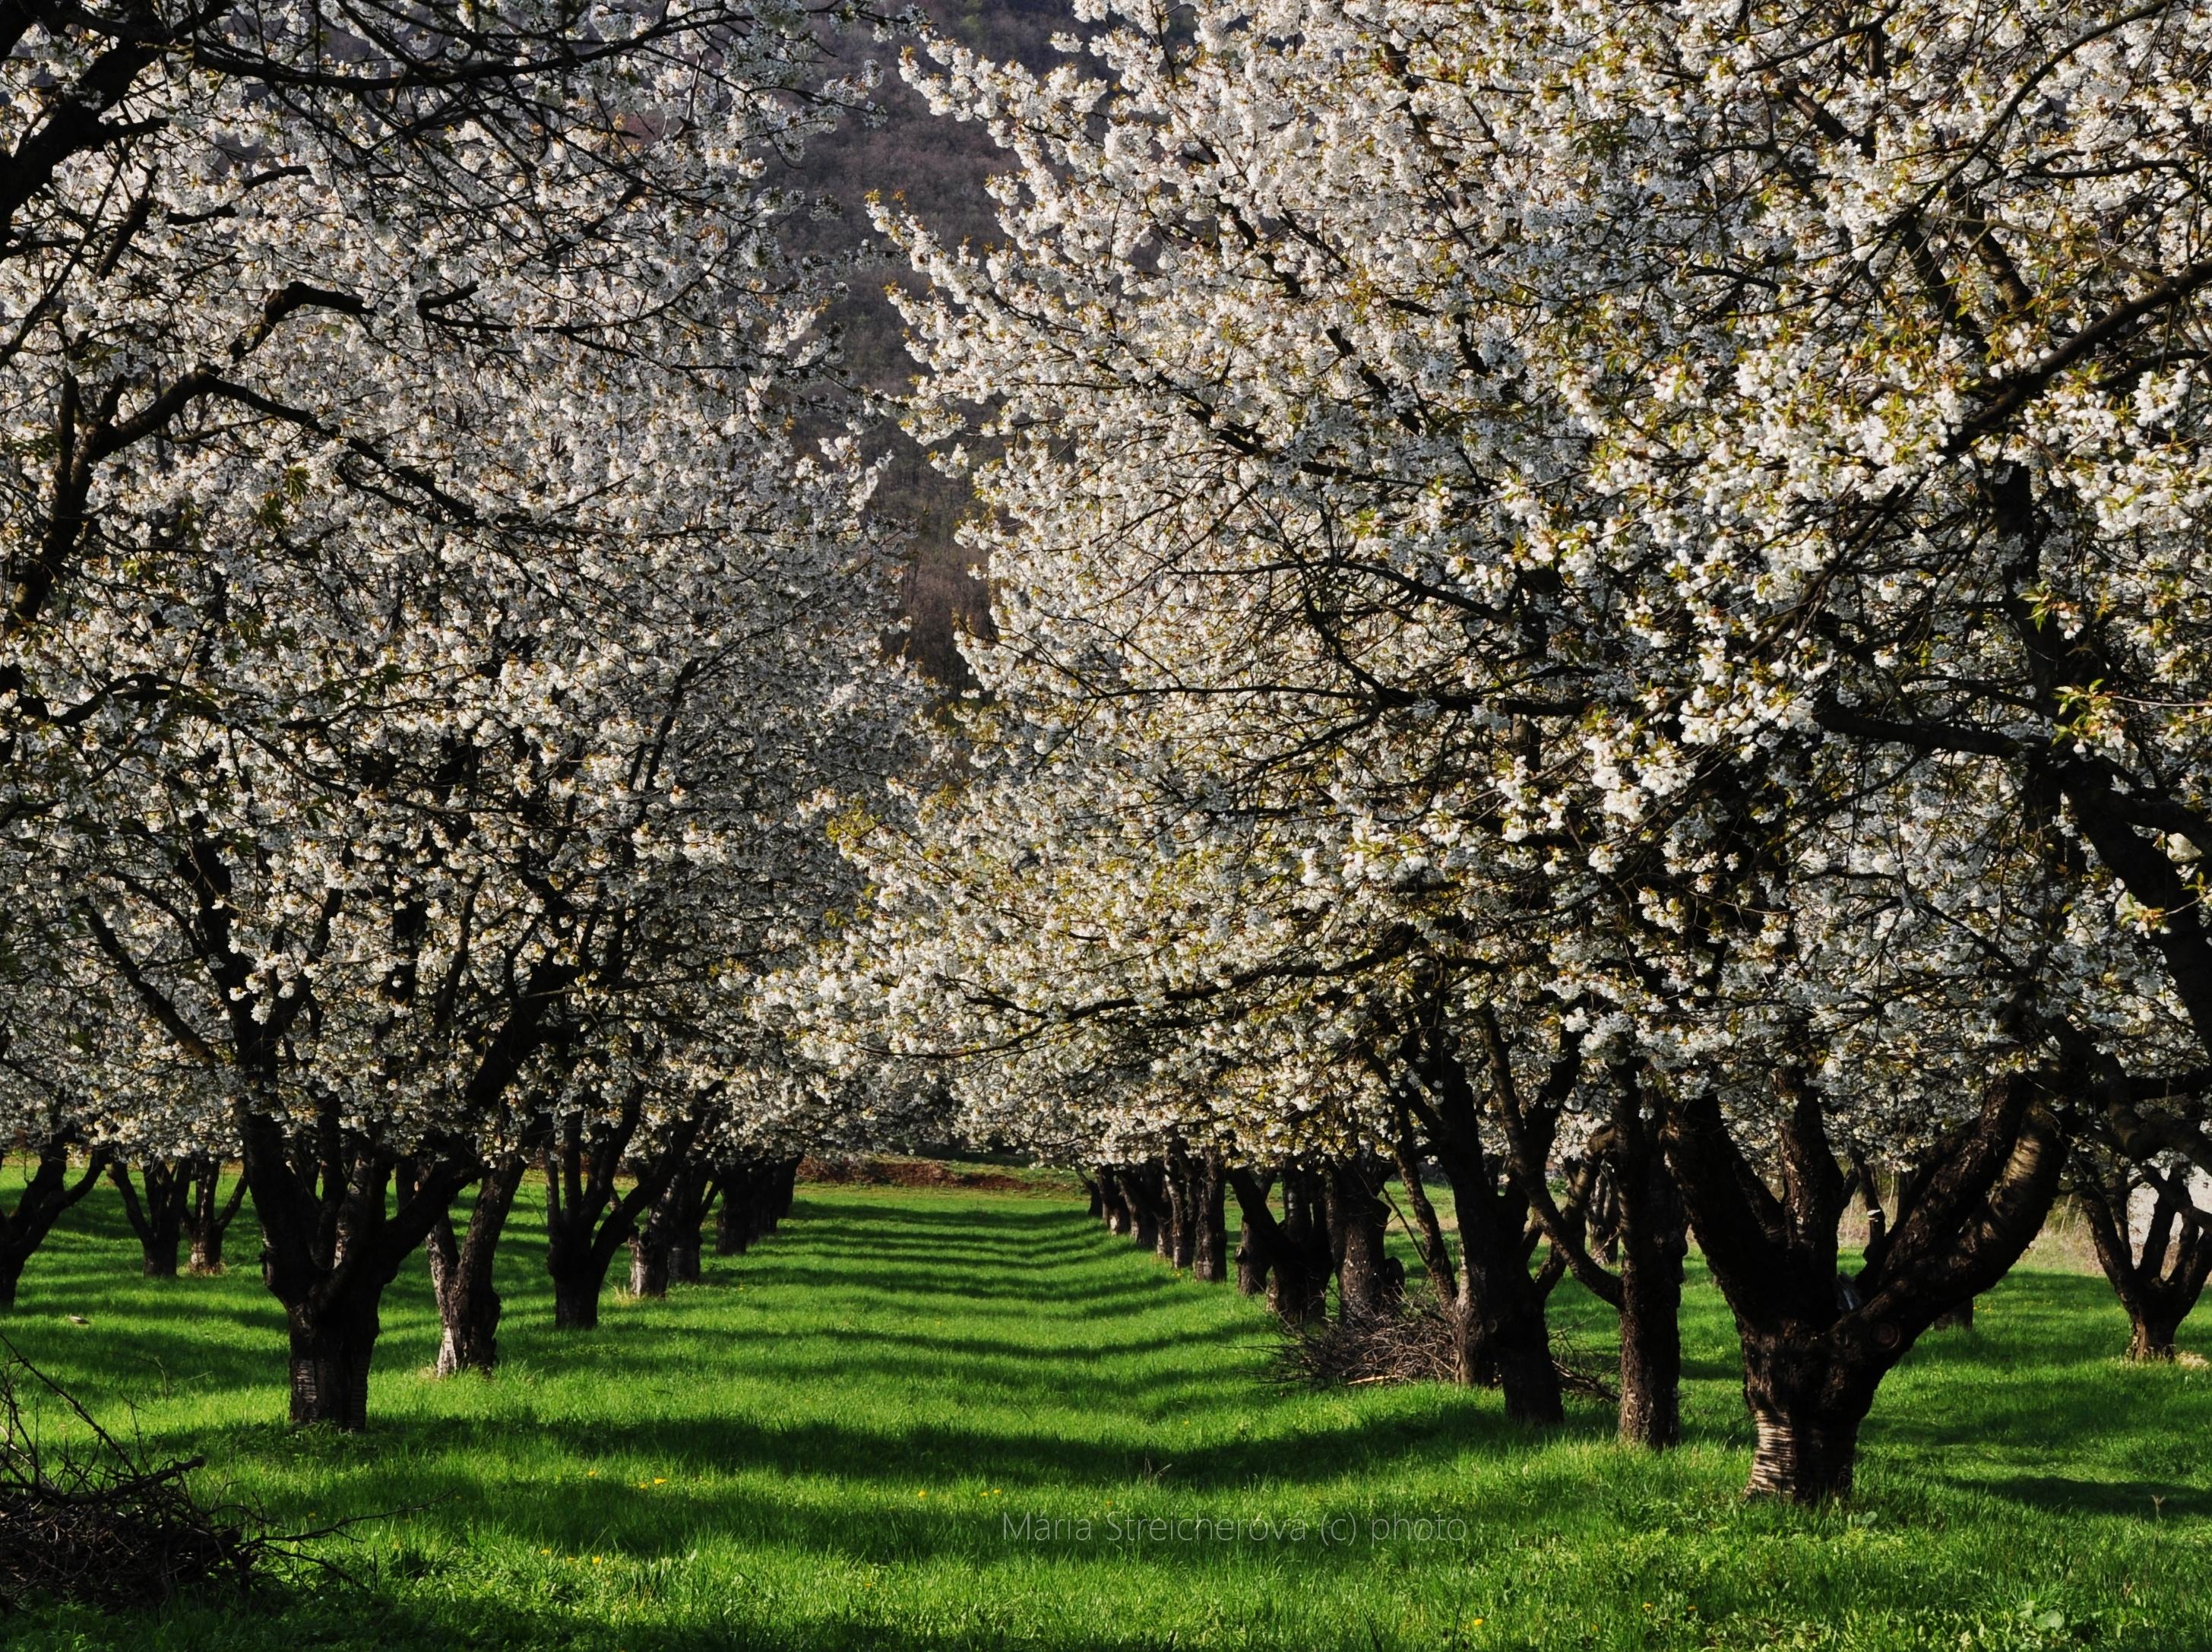 Kvitnúce stromy v čerešňovom sade, jarná zelená tráva pod stromami